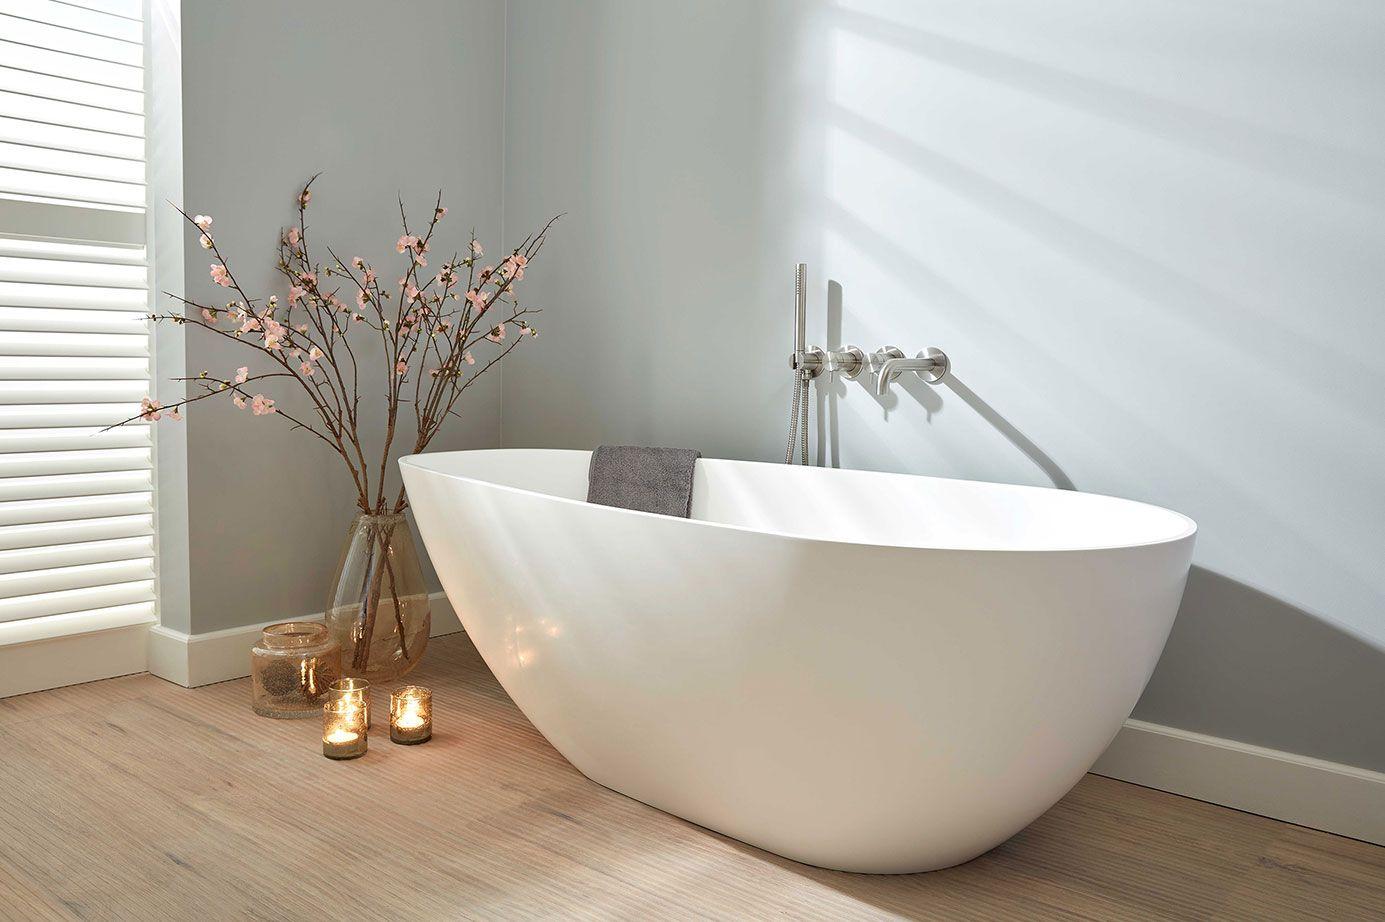 Solid Surface Badkamer : Vrijstaand bad breskens solid surface vrijstaande baden